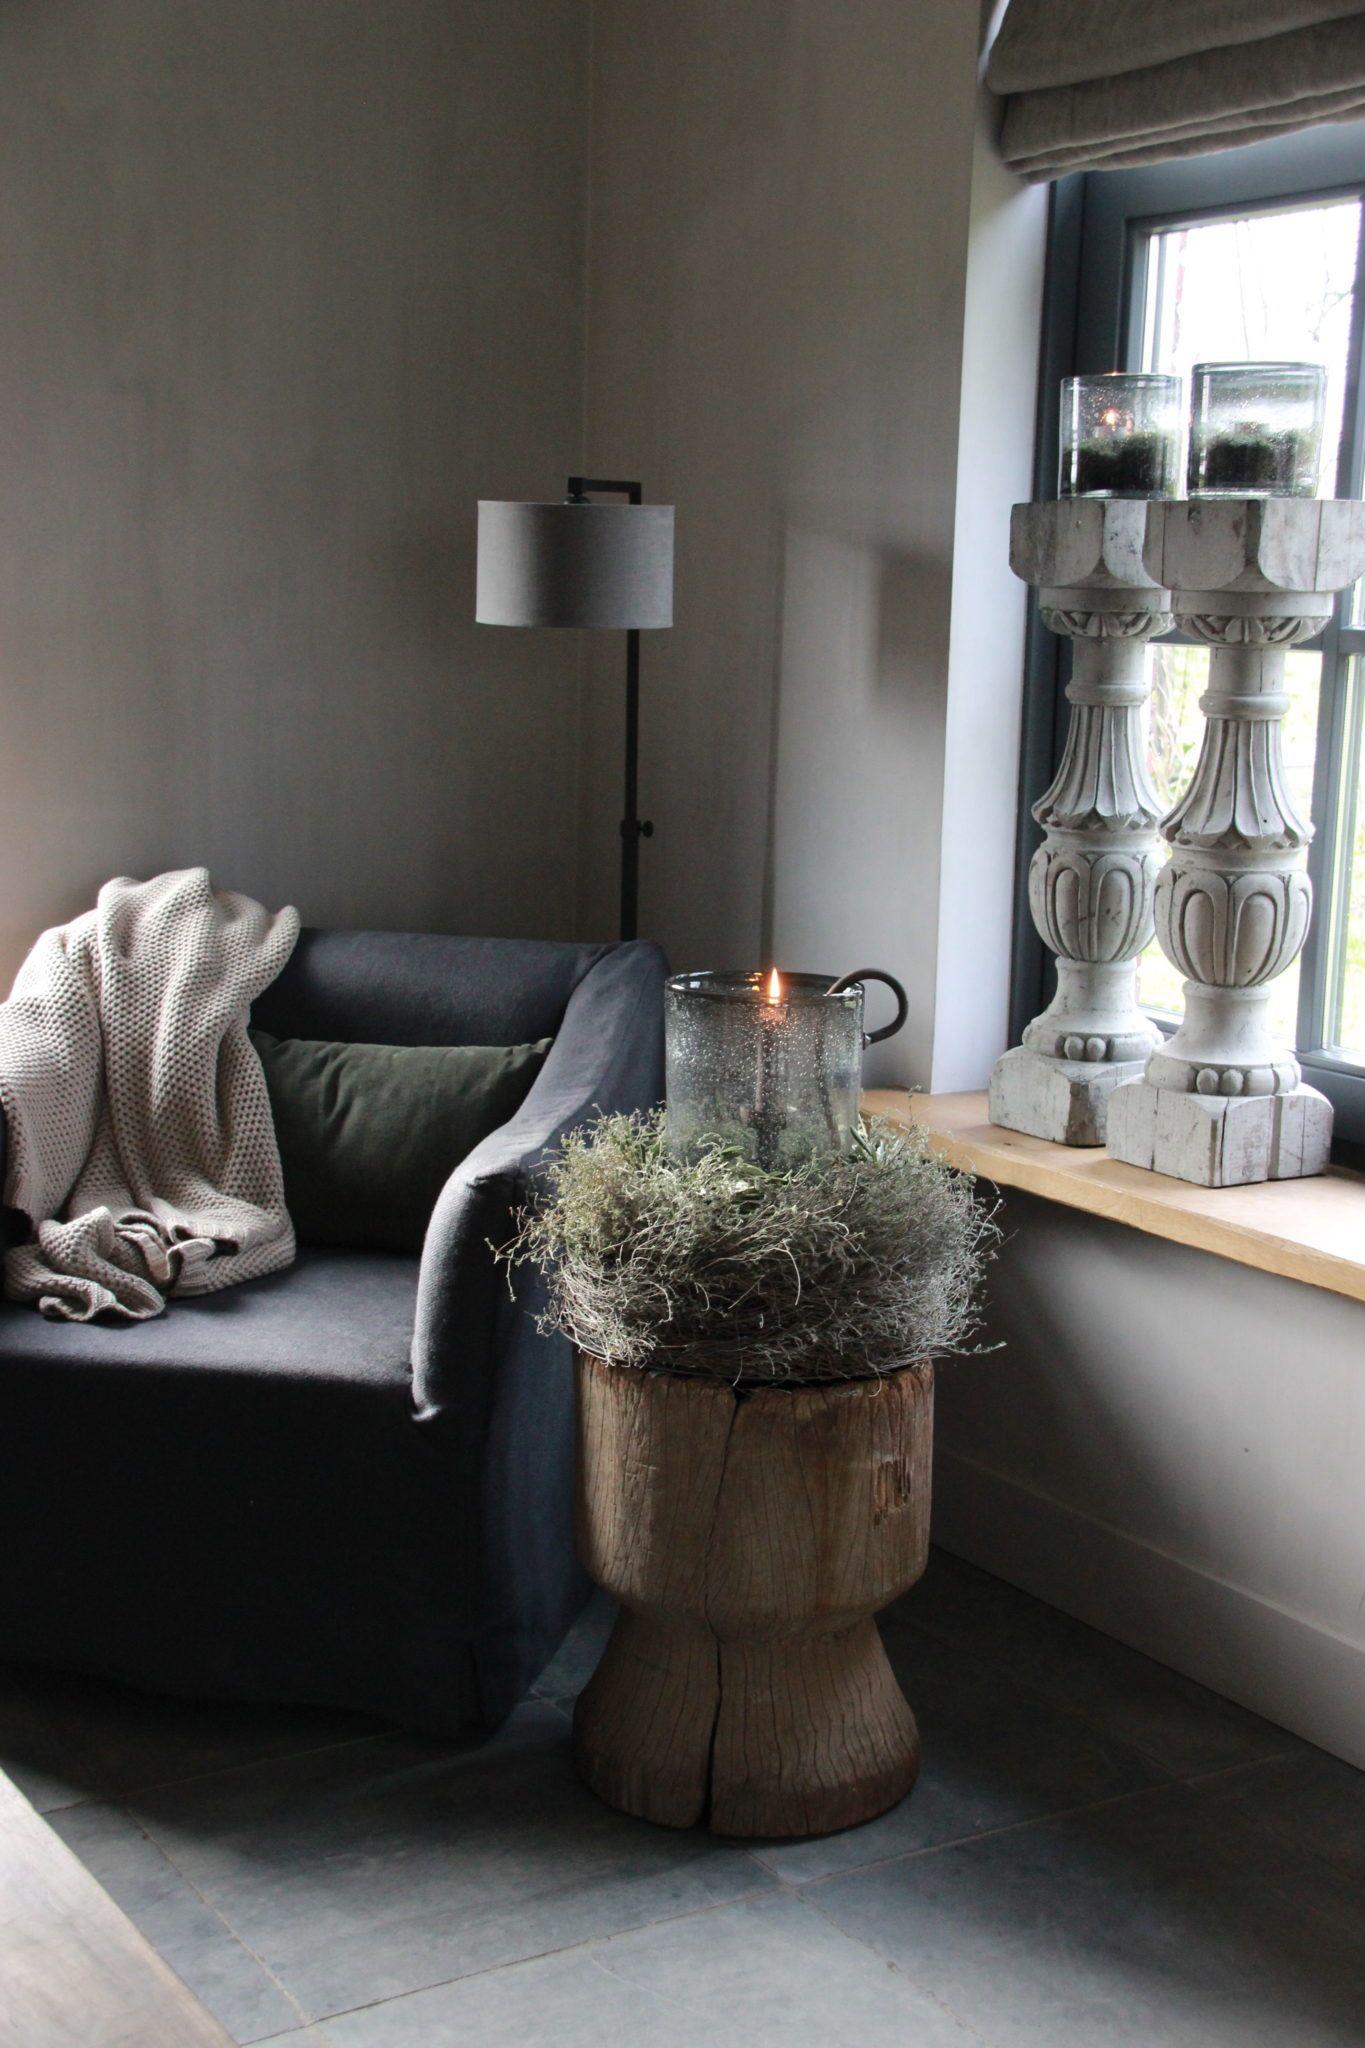 Houten Vijzel Xl Hillary Shome Home Deco Interieur Woonkamer Huis Interieur